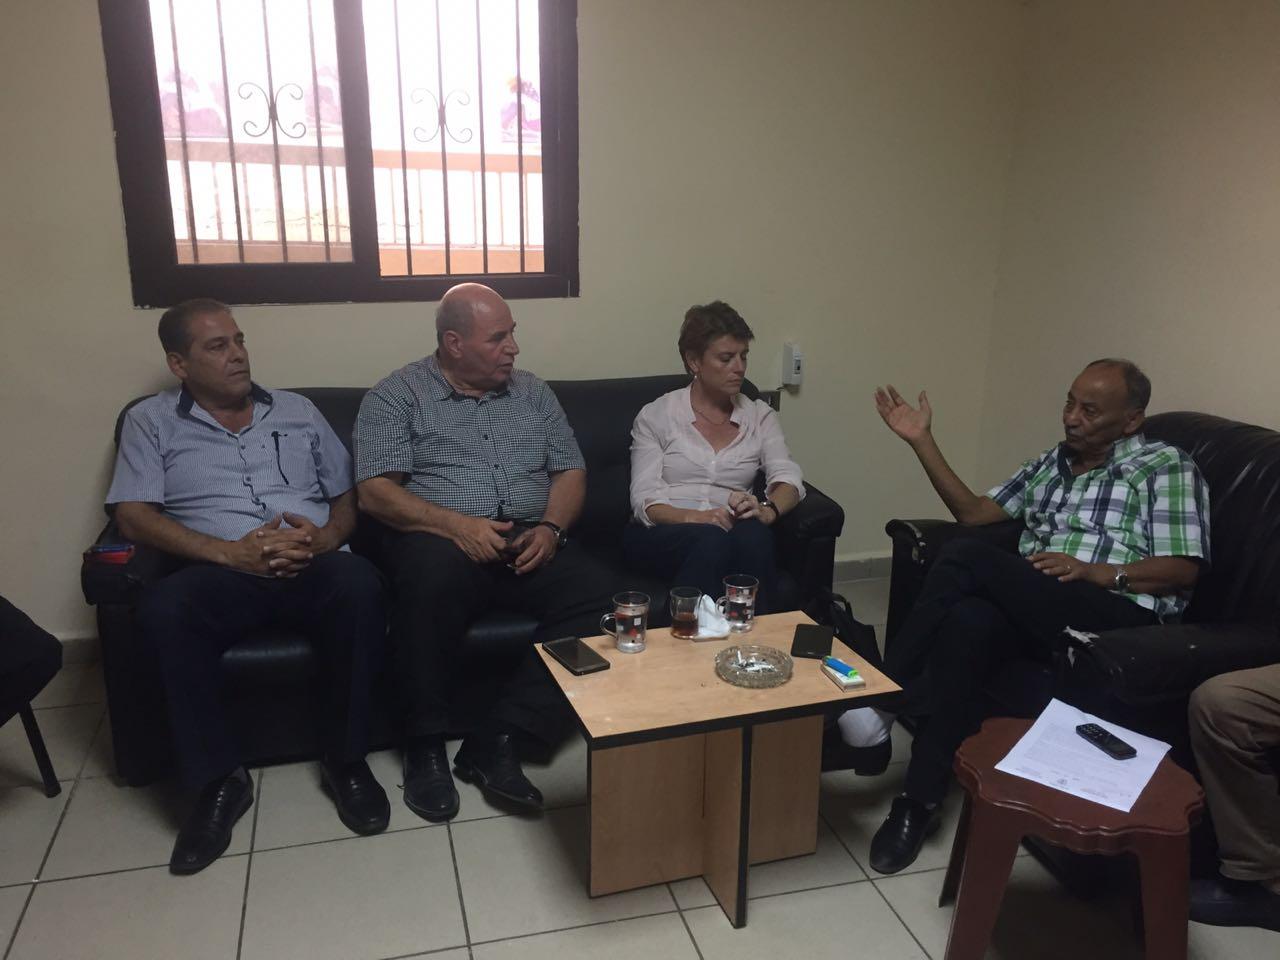 نائبة المدير العام للأونروا تلتقي لجنة المتابعة المركزية للجان الشعبية في لبنان